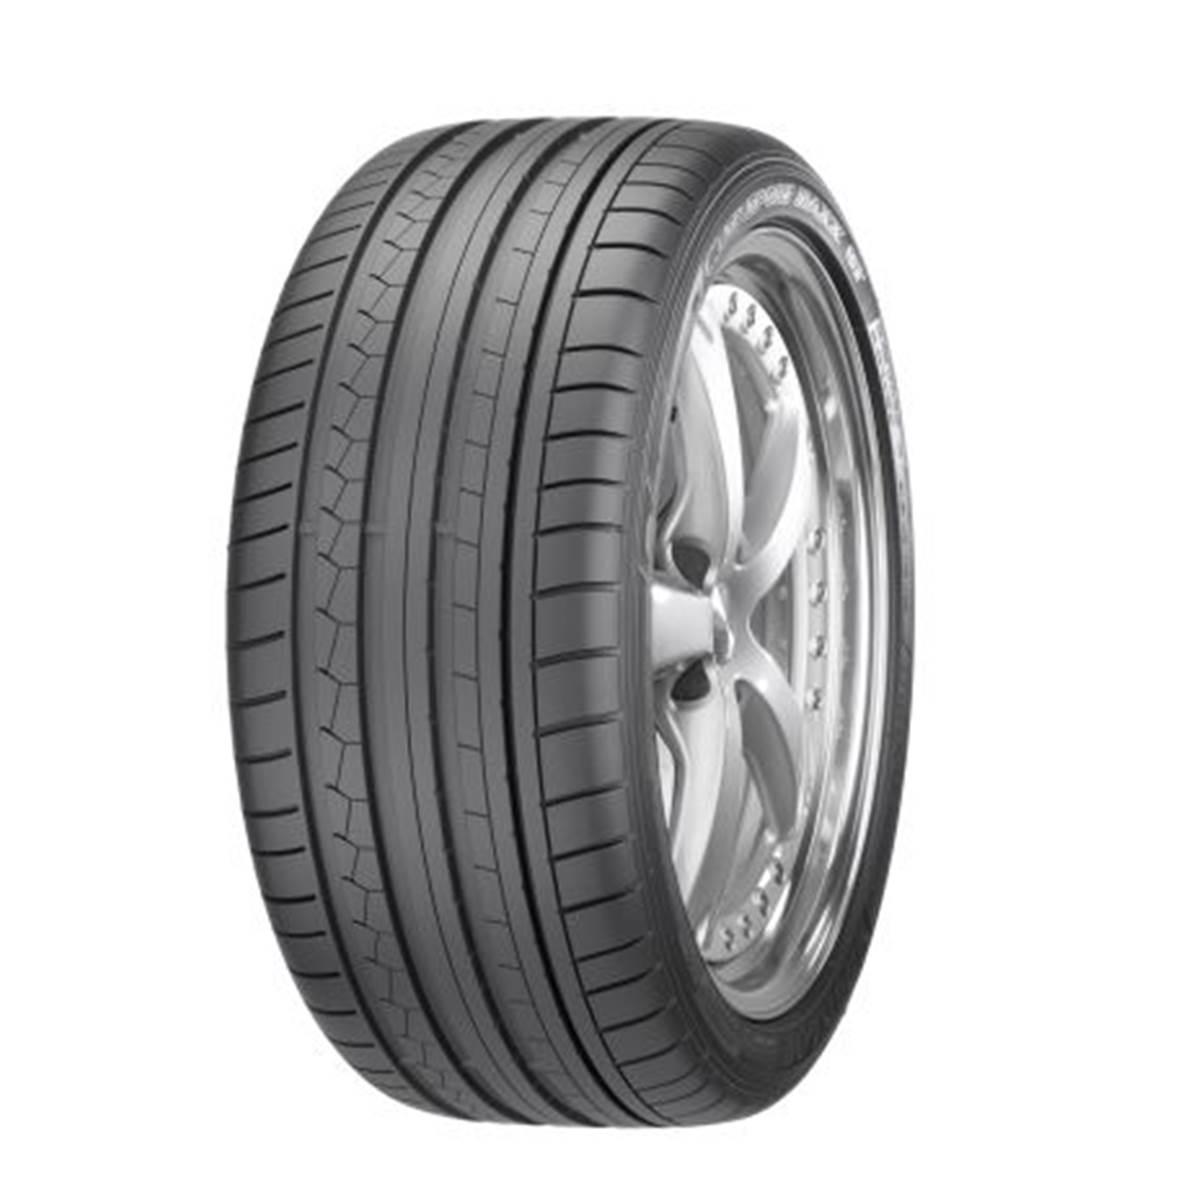 Dunlop Sp Sport Maxx Gt Ro1 Xl